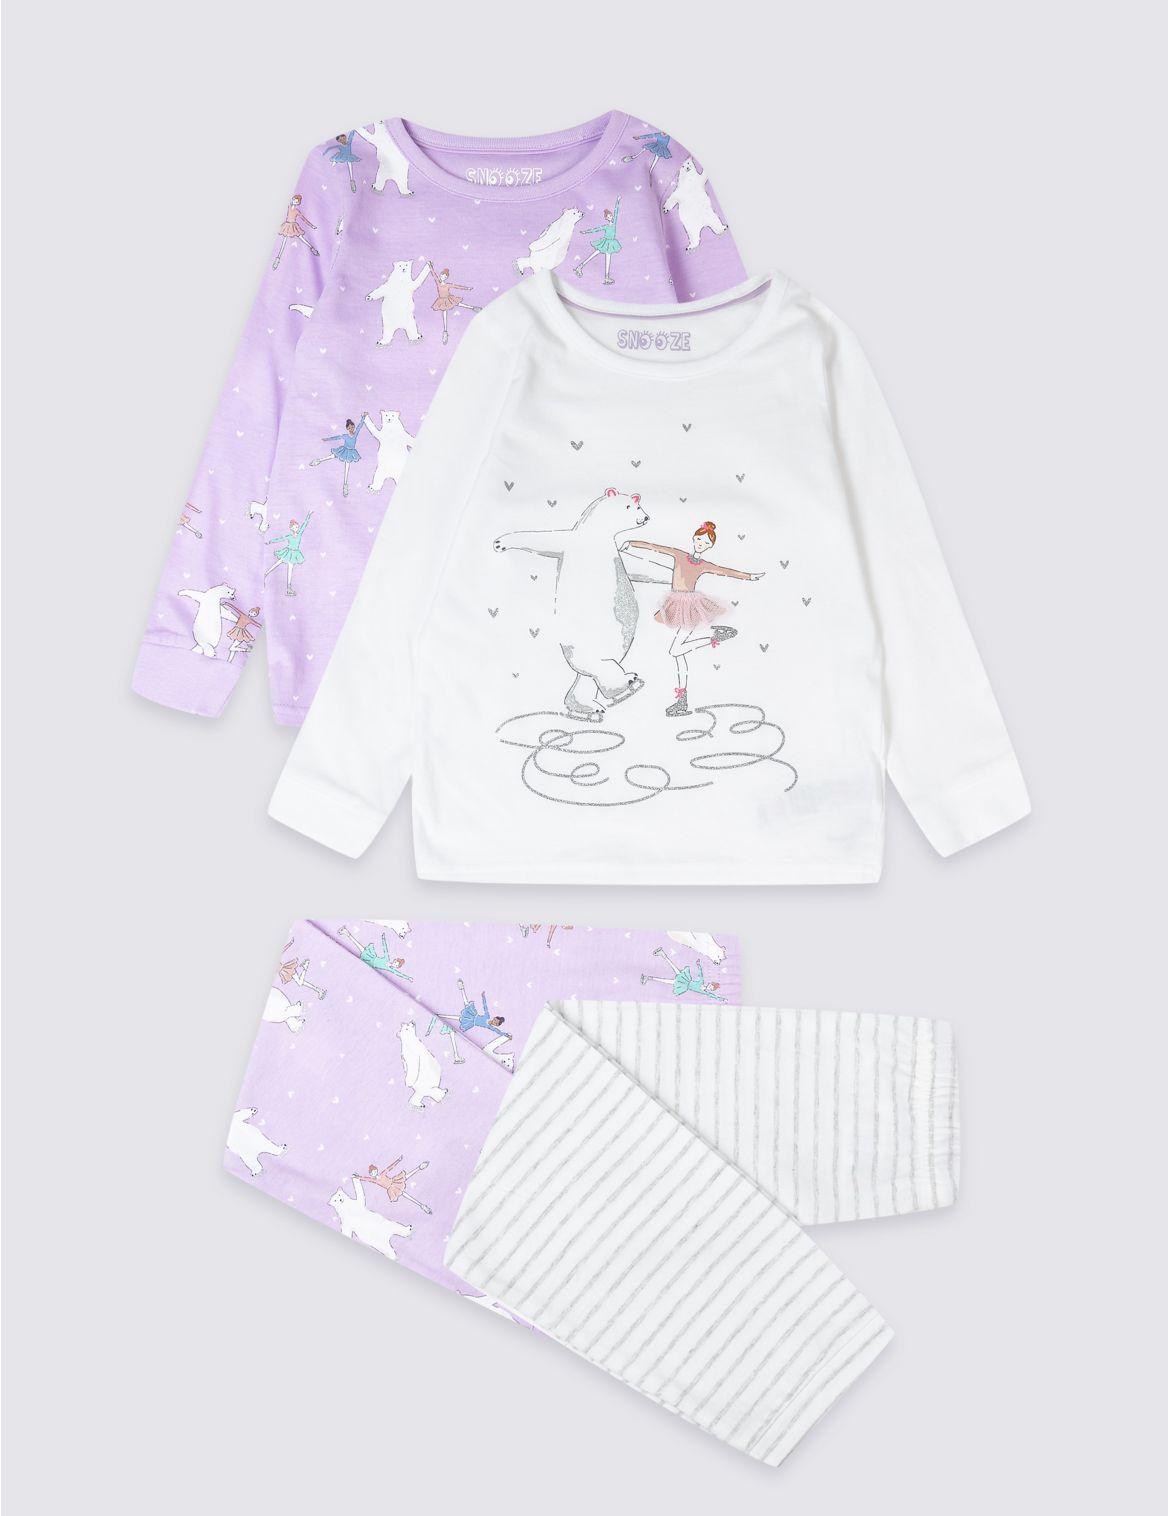 StyleProduct Style: Pyjama sets;Sleeve length: Long sleeve;Ribbed trim